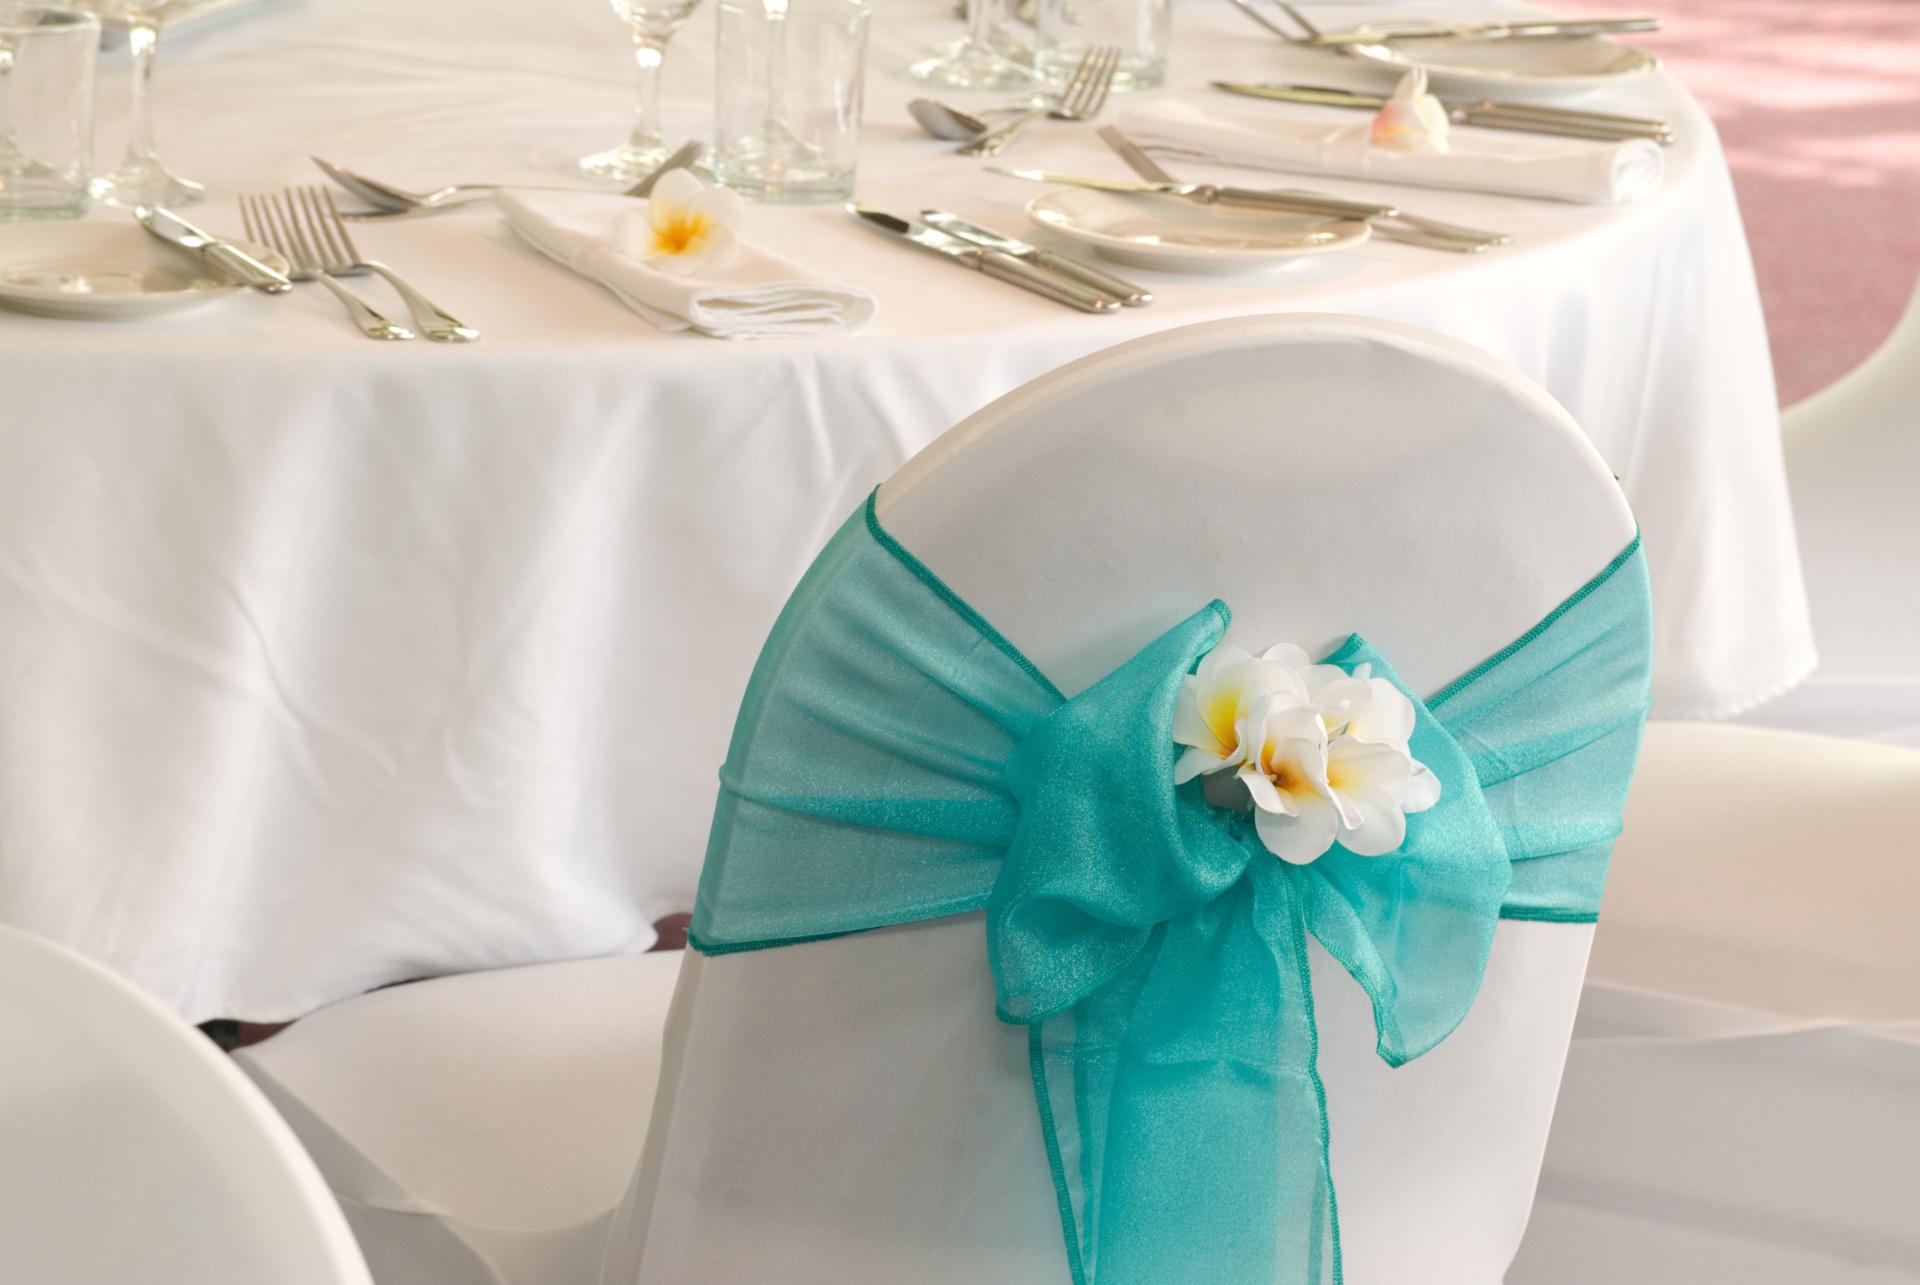 , aqua wedding chair cover, aqua and white wedding chair